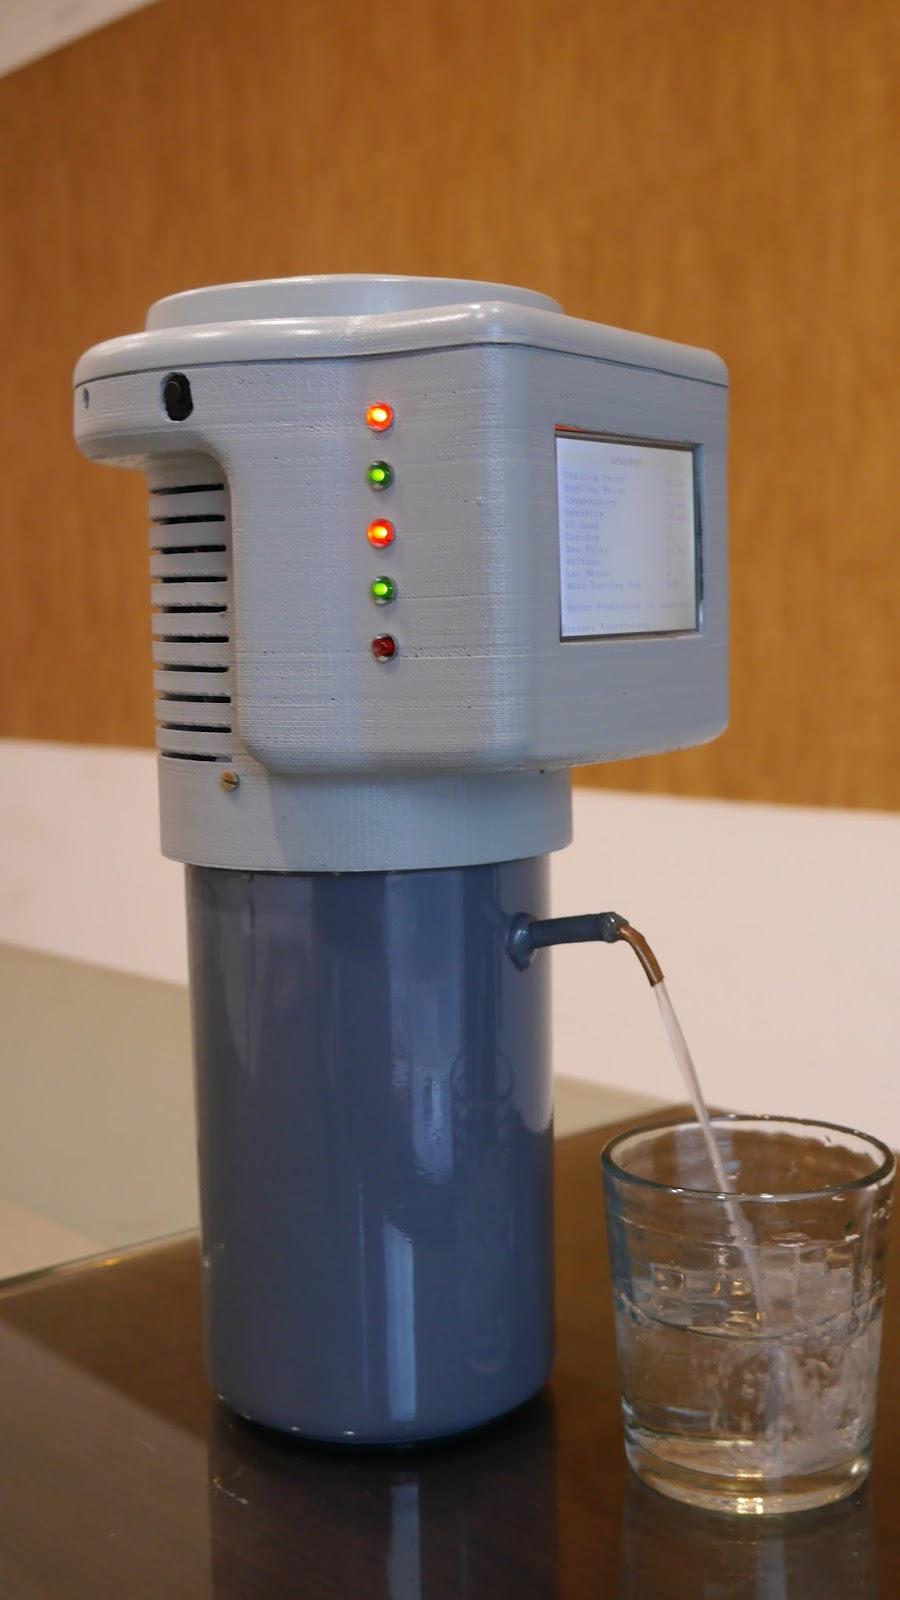 аппарат для добычи воды из воздуха (Dewdrop)